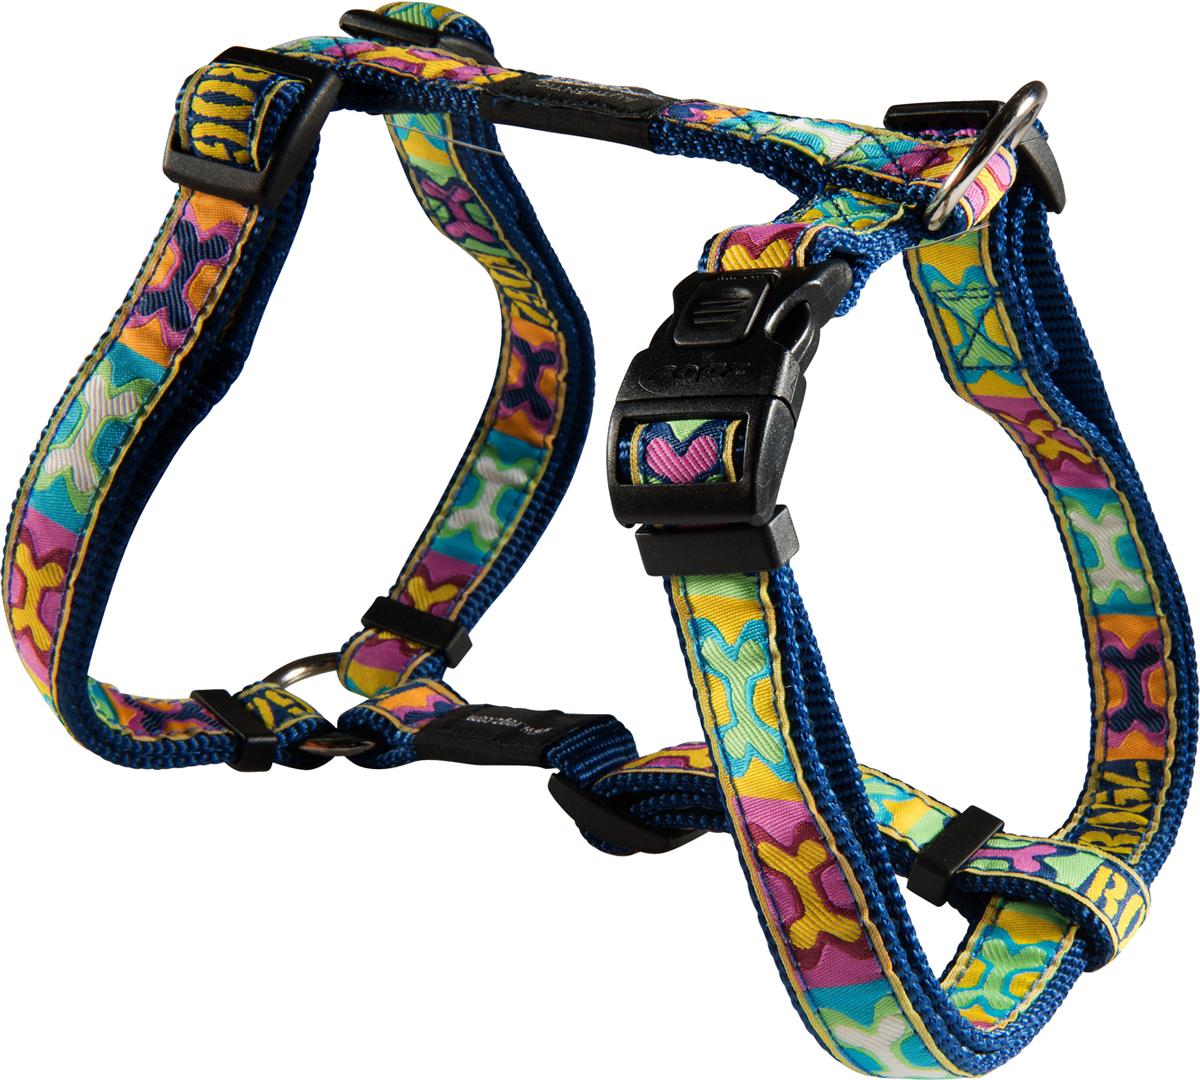 Шлейка для собак Rogz Fancy Dress, цвет: синий, ширина 2 смSJ03BWШлейка для собак Rogz Fancy Dress имеет необычный дизайн. Широкая гамма потрясающе красивых орнаментов на прочной тесьме поверх нейлоновой ленты украсит вашего питомца.Застегивается, не доставляя неудобство собаке.Специальная конструкция пряжки Rog Loc - очень крепкая(система Fort Knox). Замок может быть расстегнут только рукой человека.С помощью системы ремней изделие подгоняется под животного индивидуально.Необыкновенно крепкая и прочная шлейка.Выполненные по заказу литые кольца выдерживают значительные физические нагрузки и имеют хромирование, нанесенное гальваническим способом, что позволяет избежать коррозии и потускнения изделия.Легко можно прикрепить к ошейнику и поводку.